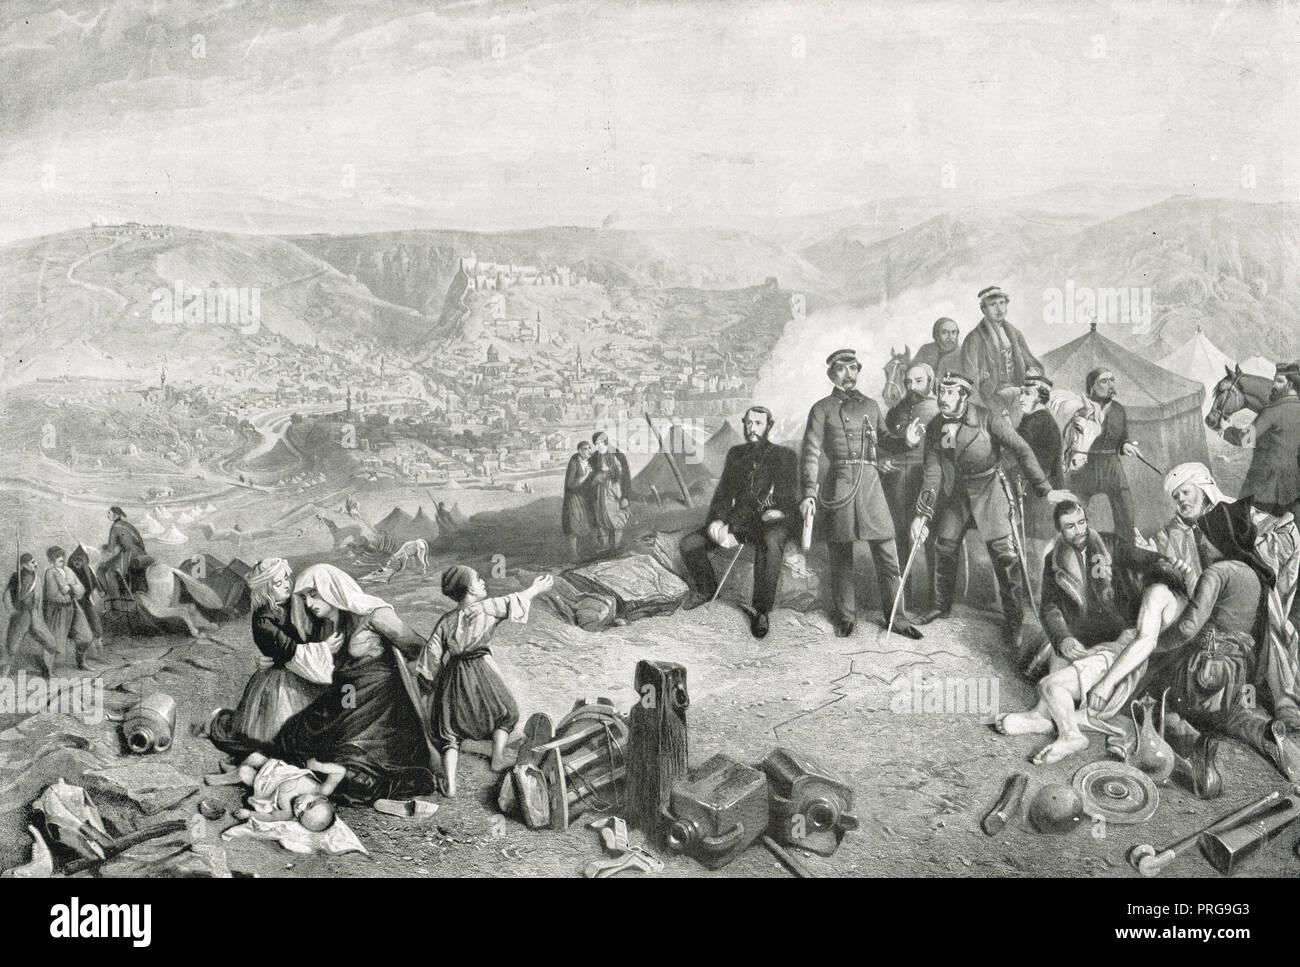 La defensa de Kars, Junio - Noviembre de 1855, durante la guerra de Crimea Foto de stock